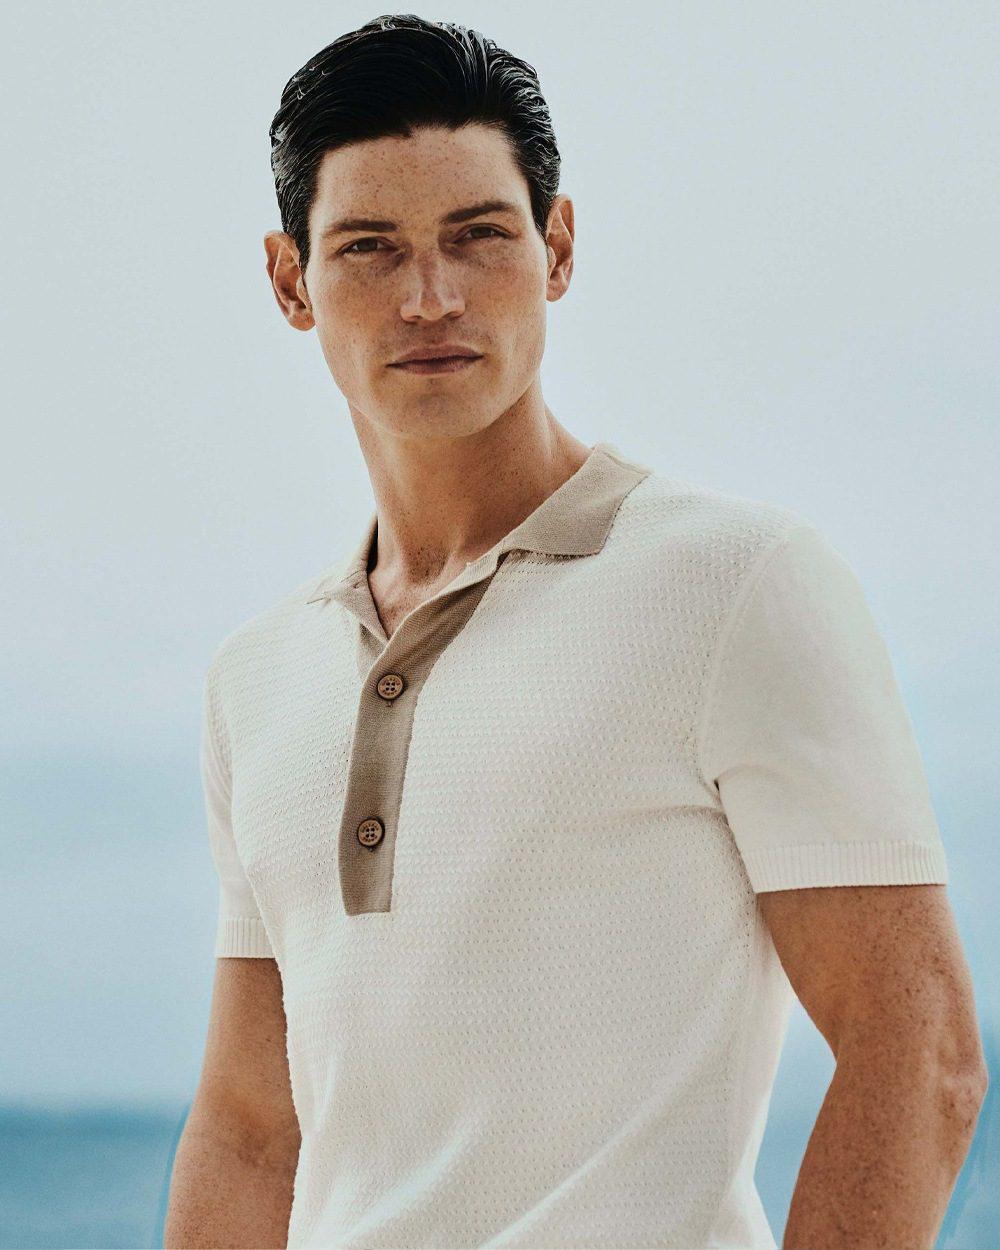 As melhores marcas de camisa polo masculina do mundo hoje 3